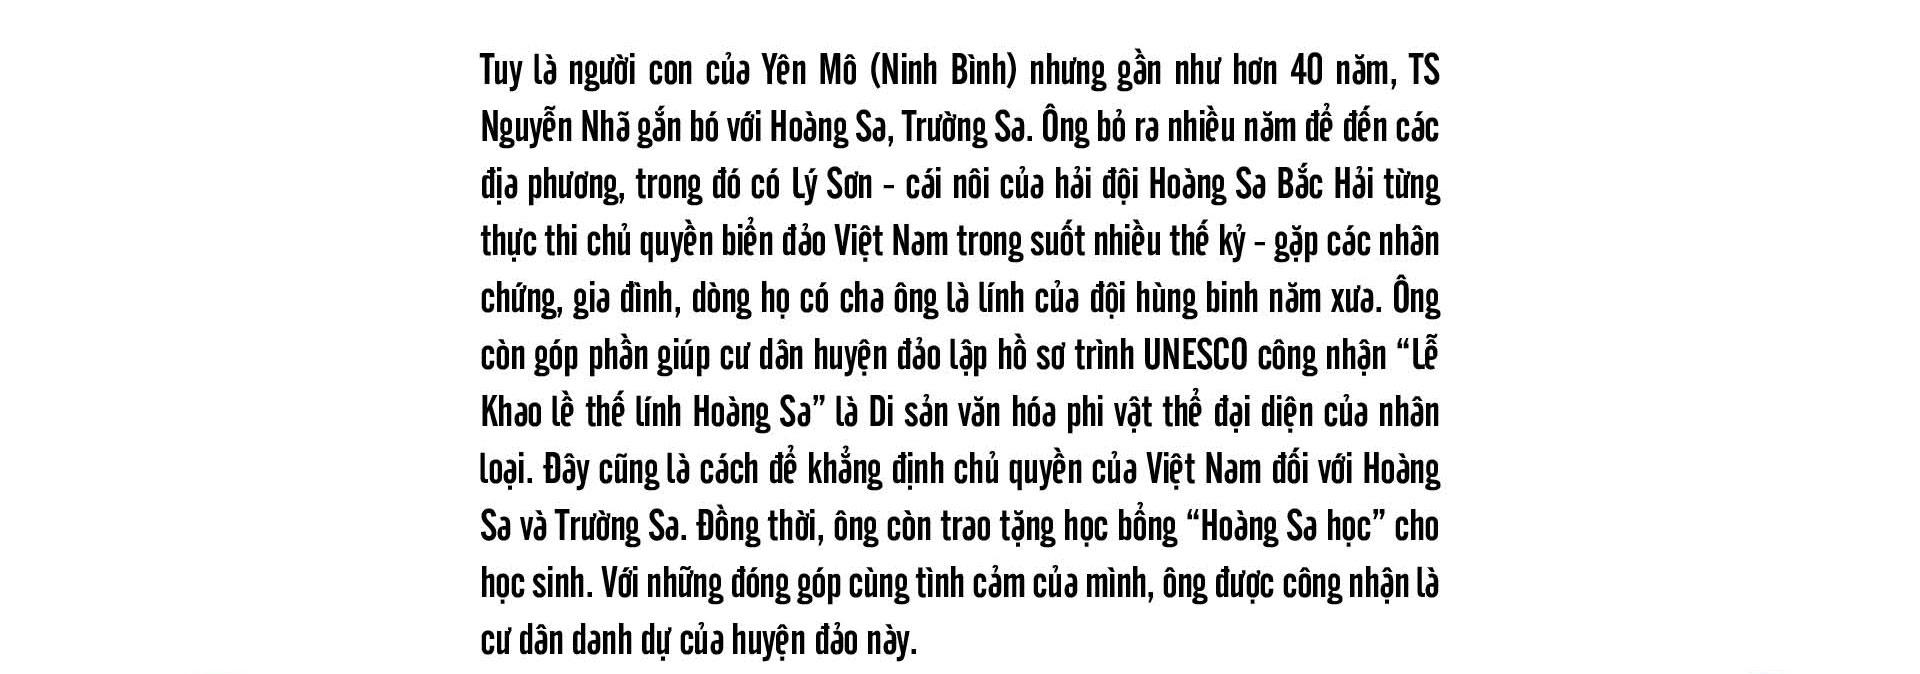 Tiến sĩ sử học Nguyễn Nhã: Muốn bảo vệ chủ quyền, không gì hay hơn là trở thành cường quốc biển  - Ảnh 8.